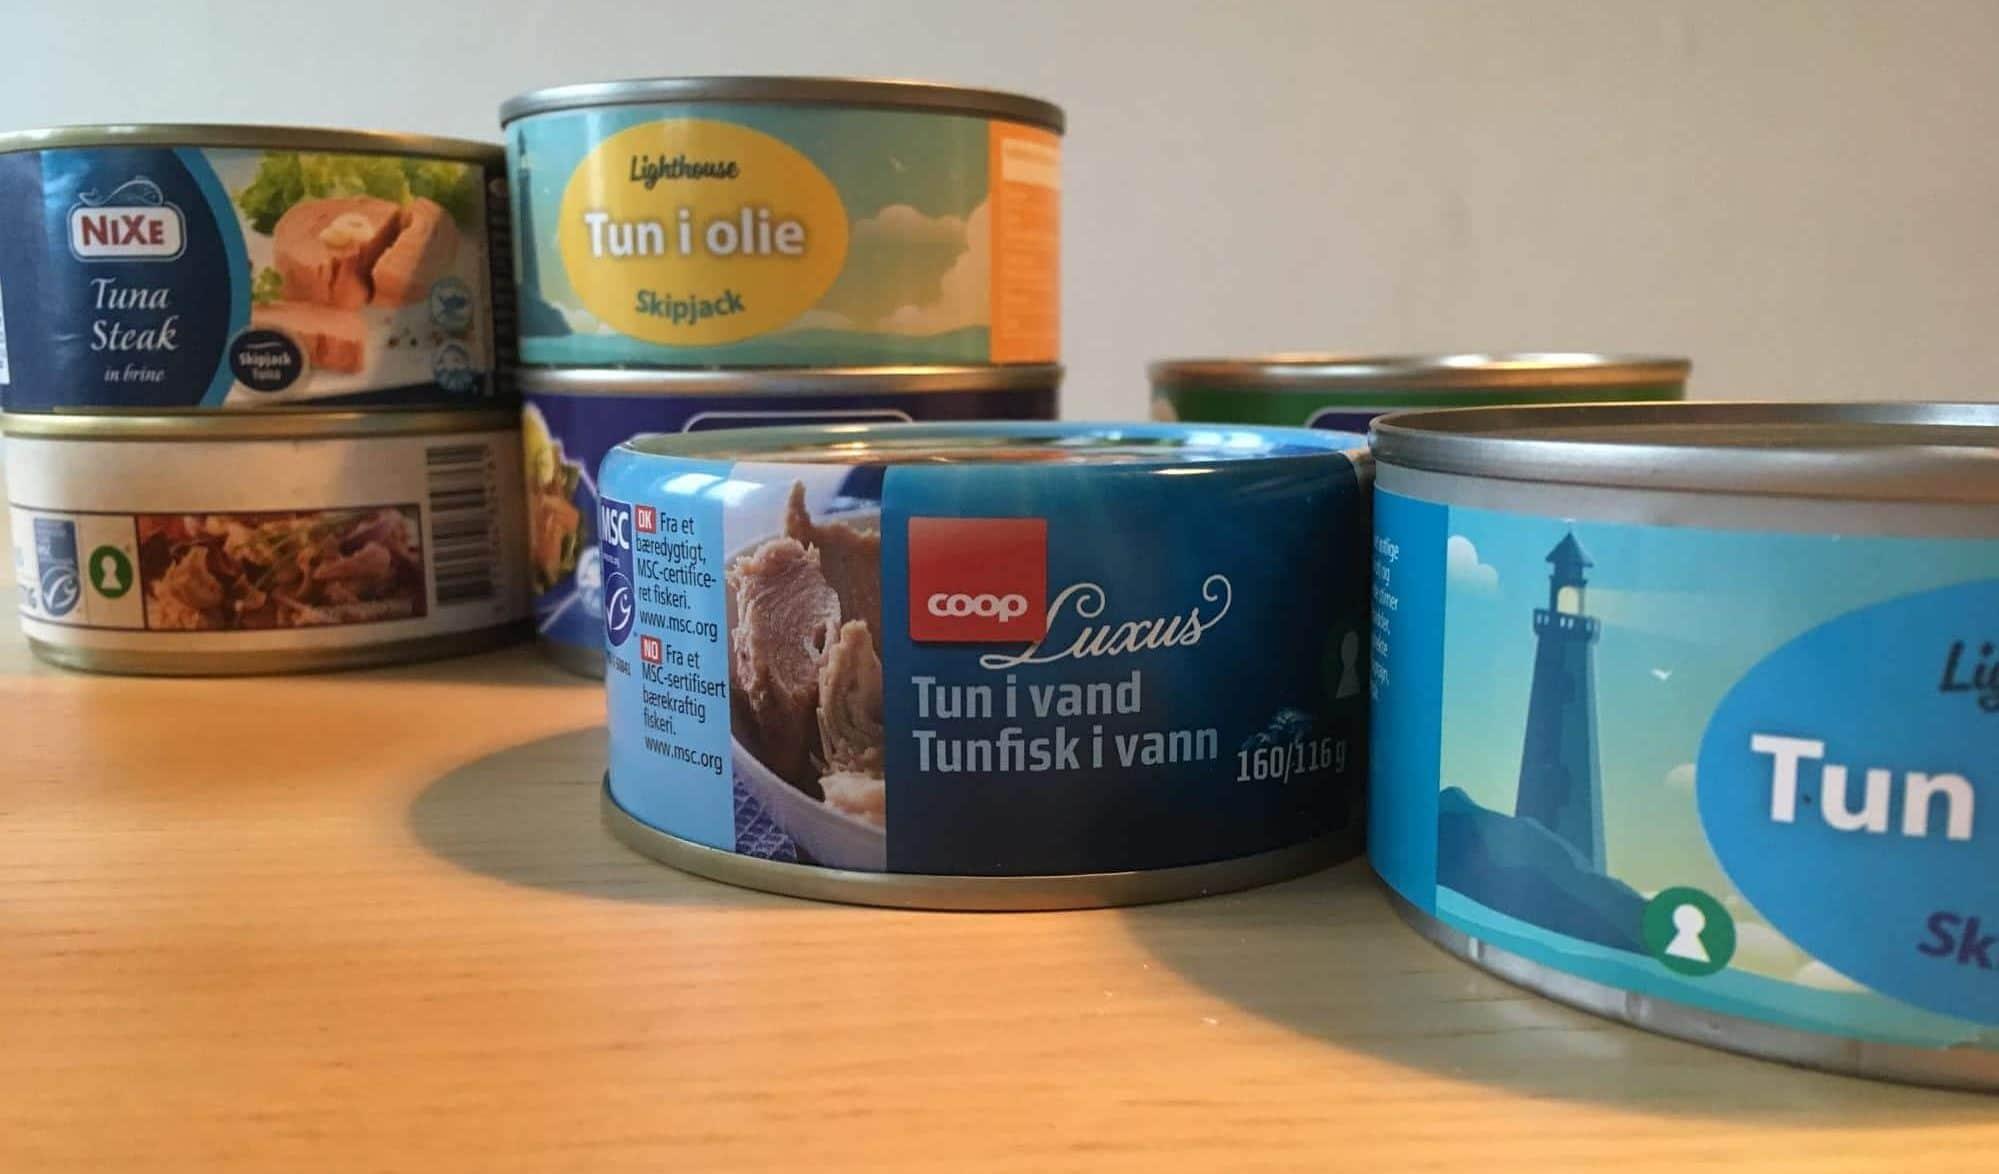 Fødevareguidens guide til valg af tun